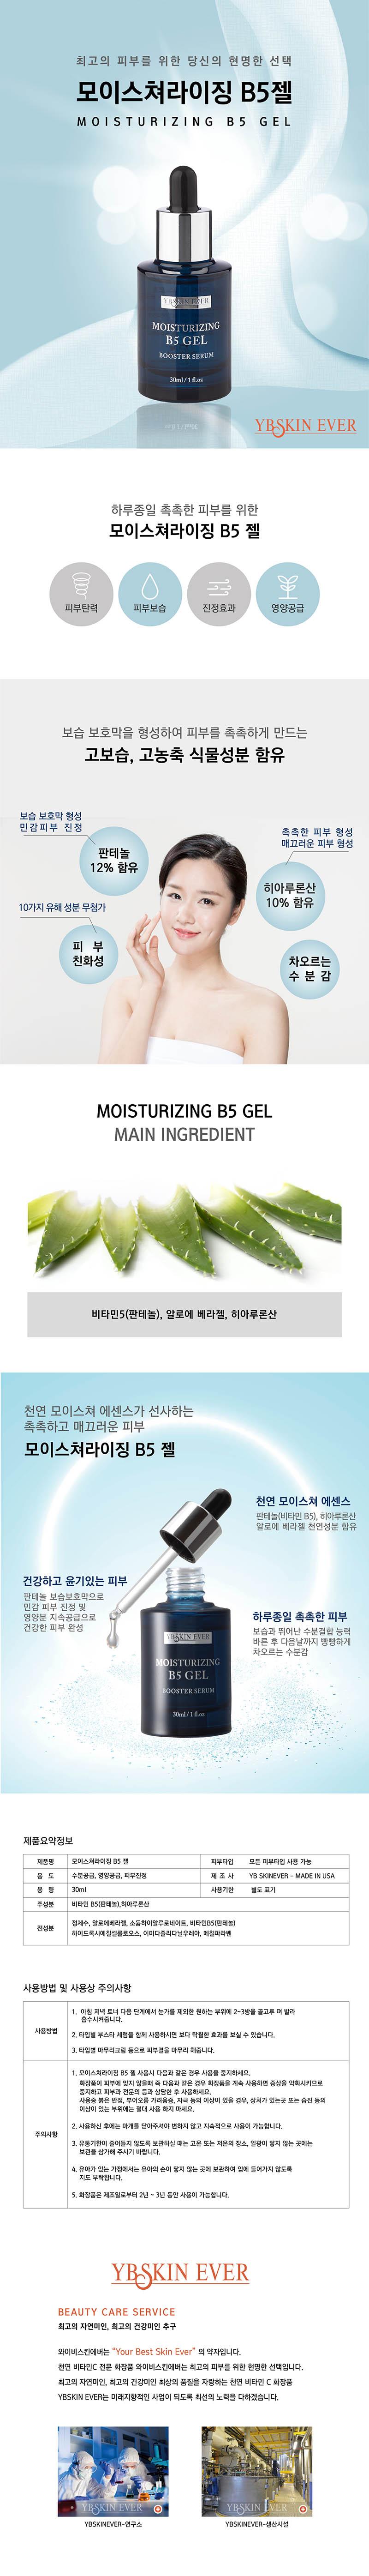 YB-B5-d.jpg